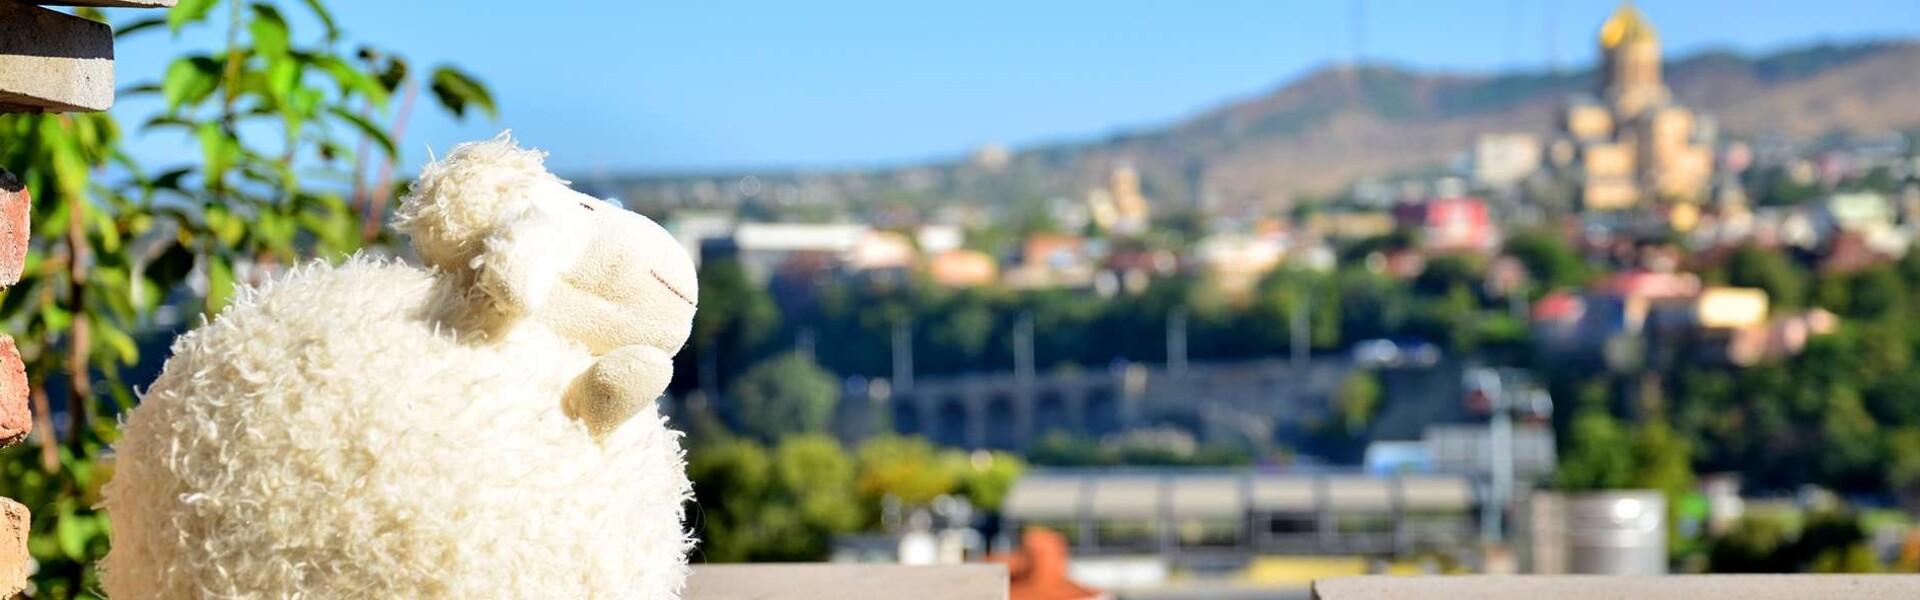 овечка в тбилиси